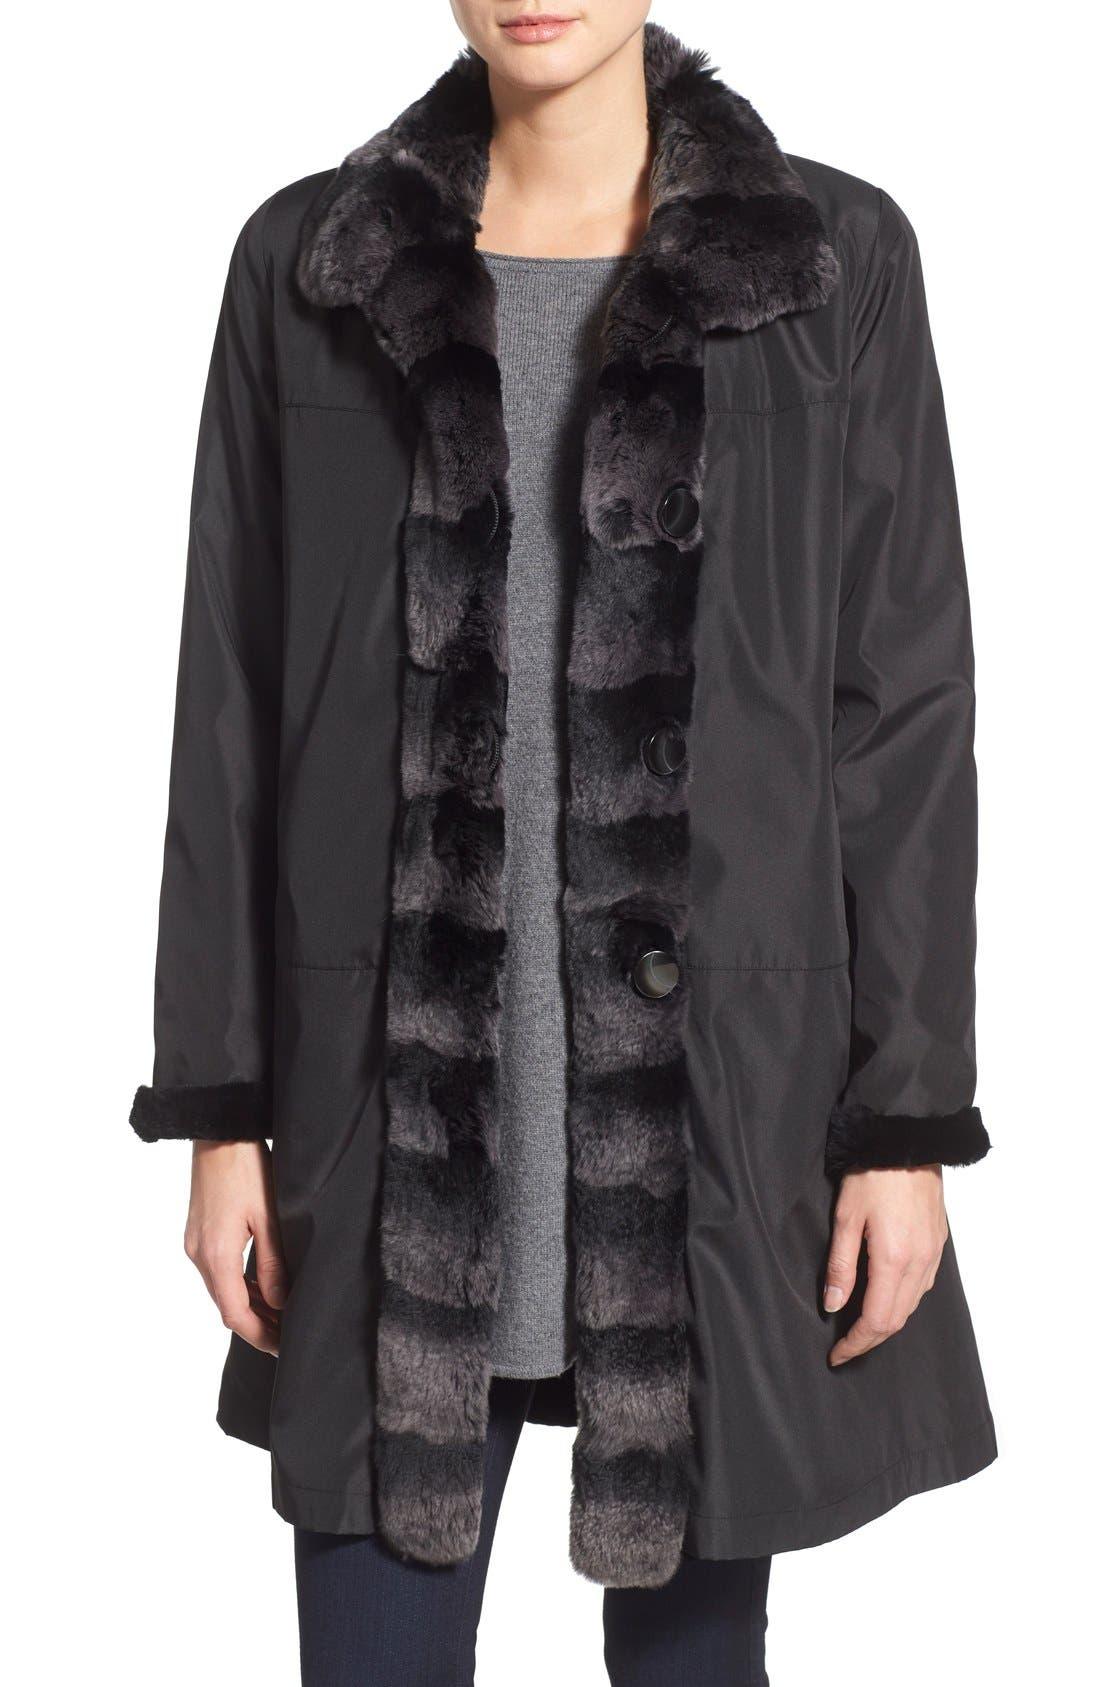 Main Image - Blue Duck Genuine Rabbit Fur Reversible Storm Coat (Regular & Petite)